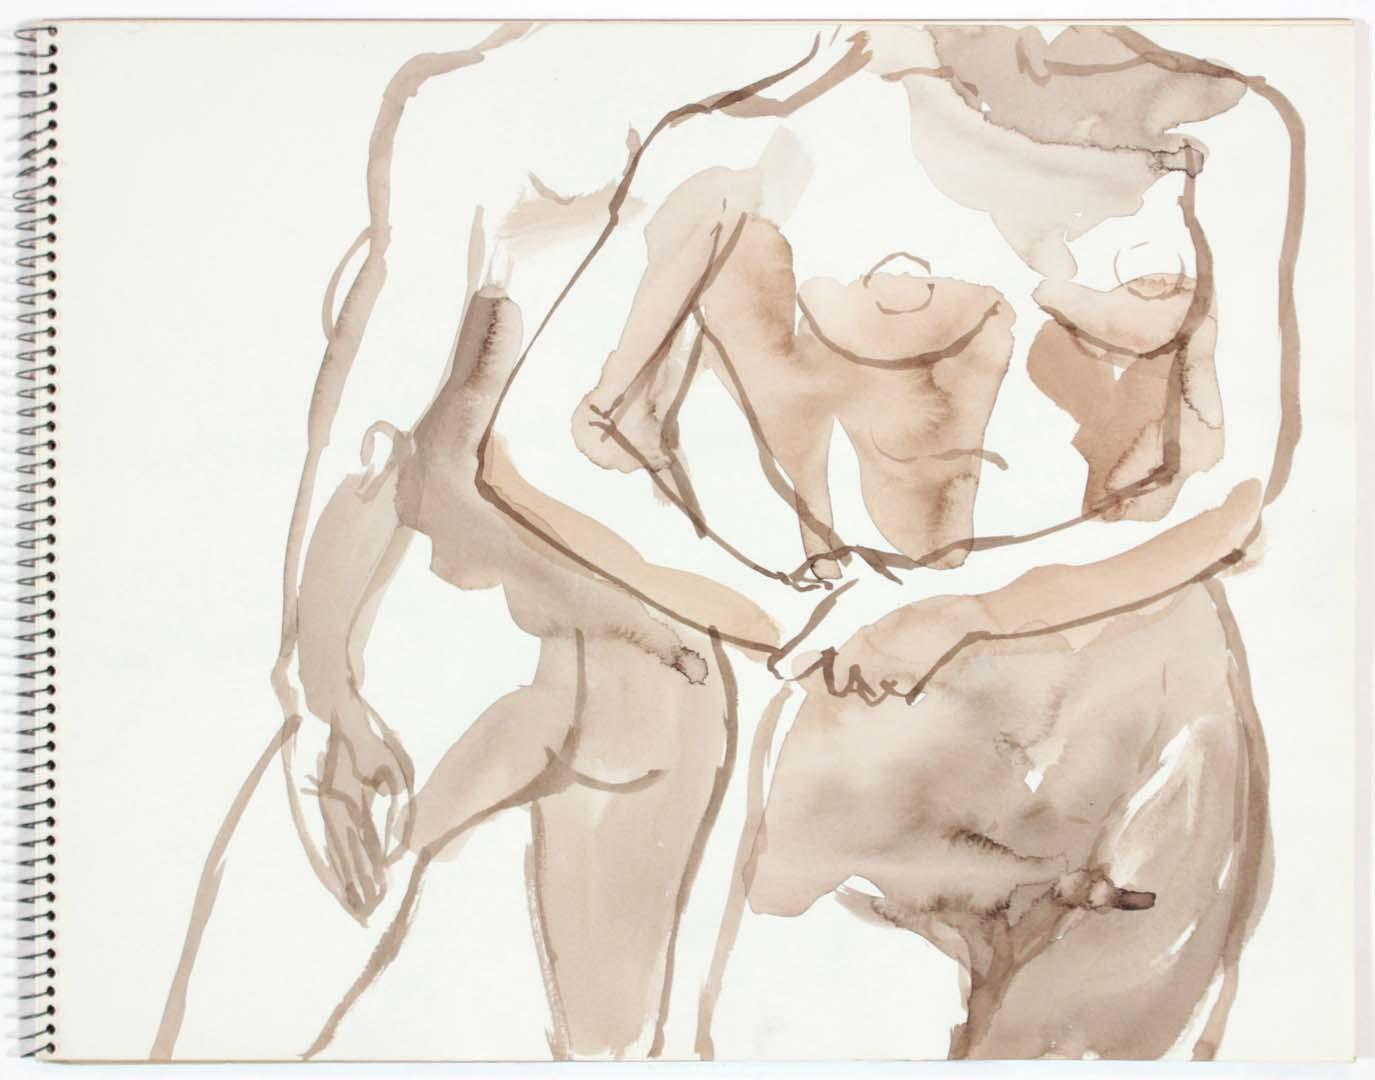 Untitled Wash 11 x 14